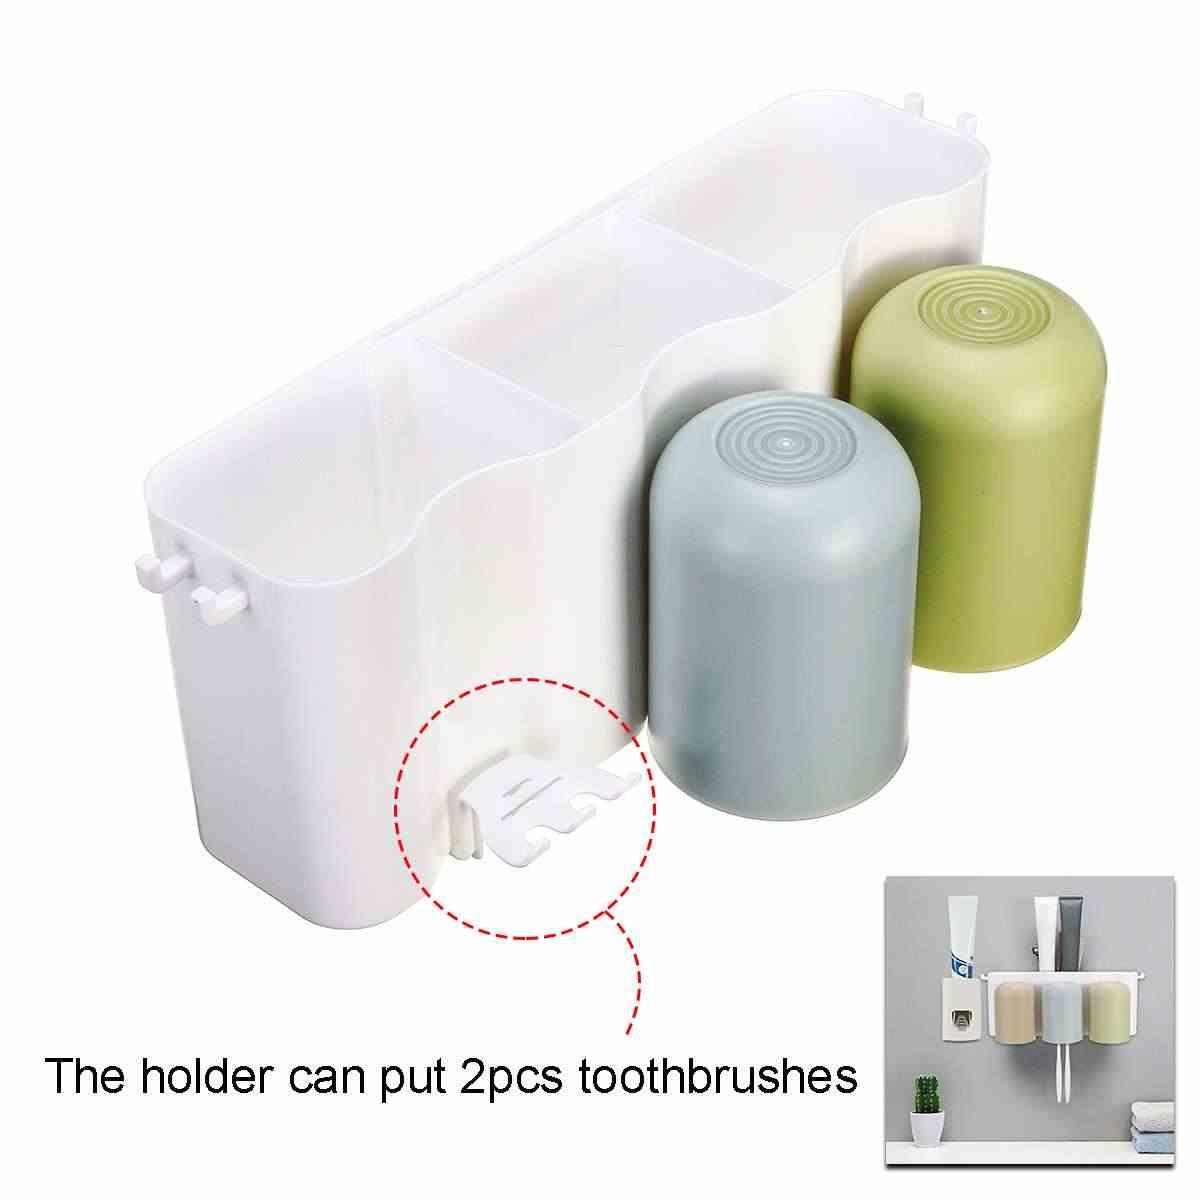 Automatyczny dozownik pasty do zębów kubek na szczoteczki do zębów uchwyt uchwyt ścienny do łazienki plastikowej podstawki ilościowego wytłaczania nietoksyczny bezpieczne